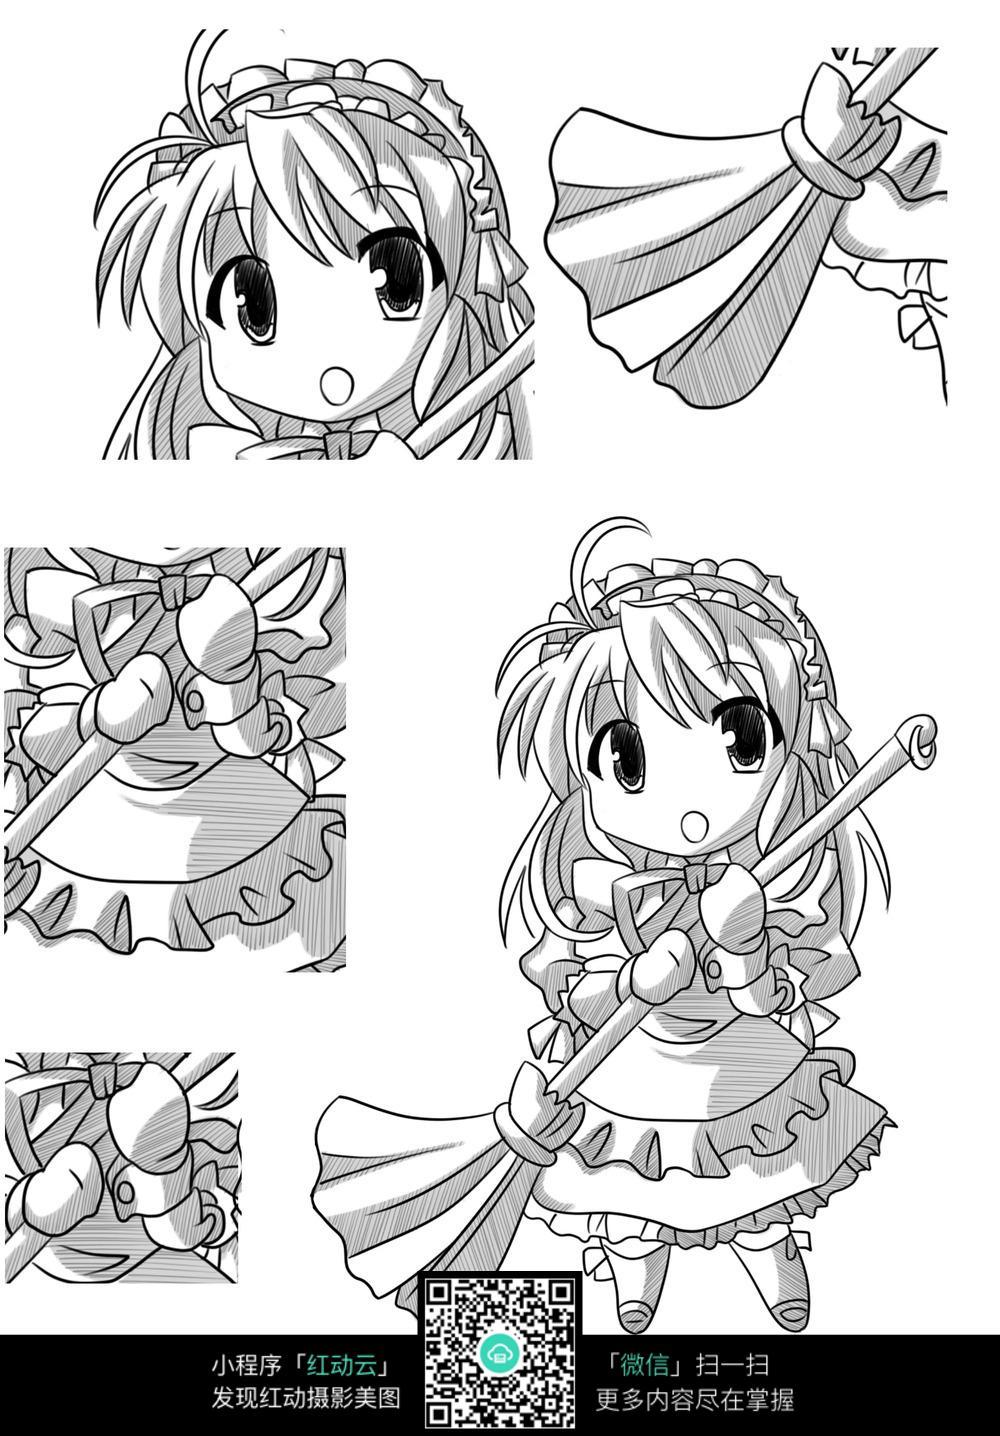 扫把和女孩卡通手绘线稿